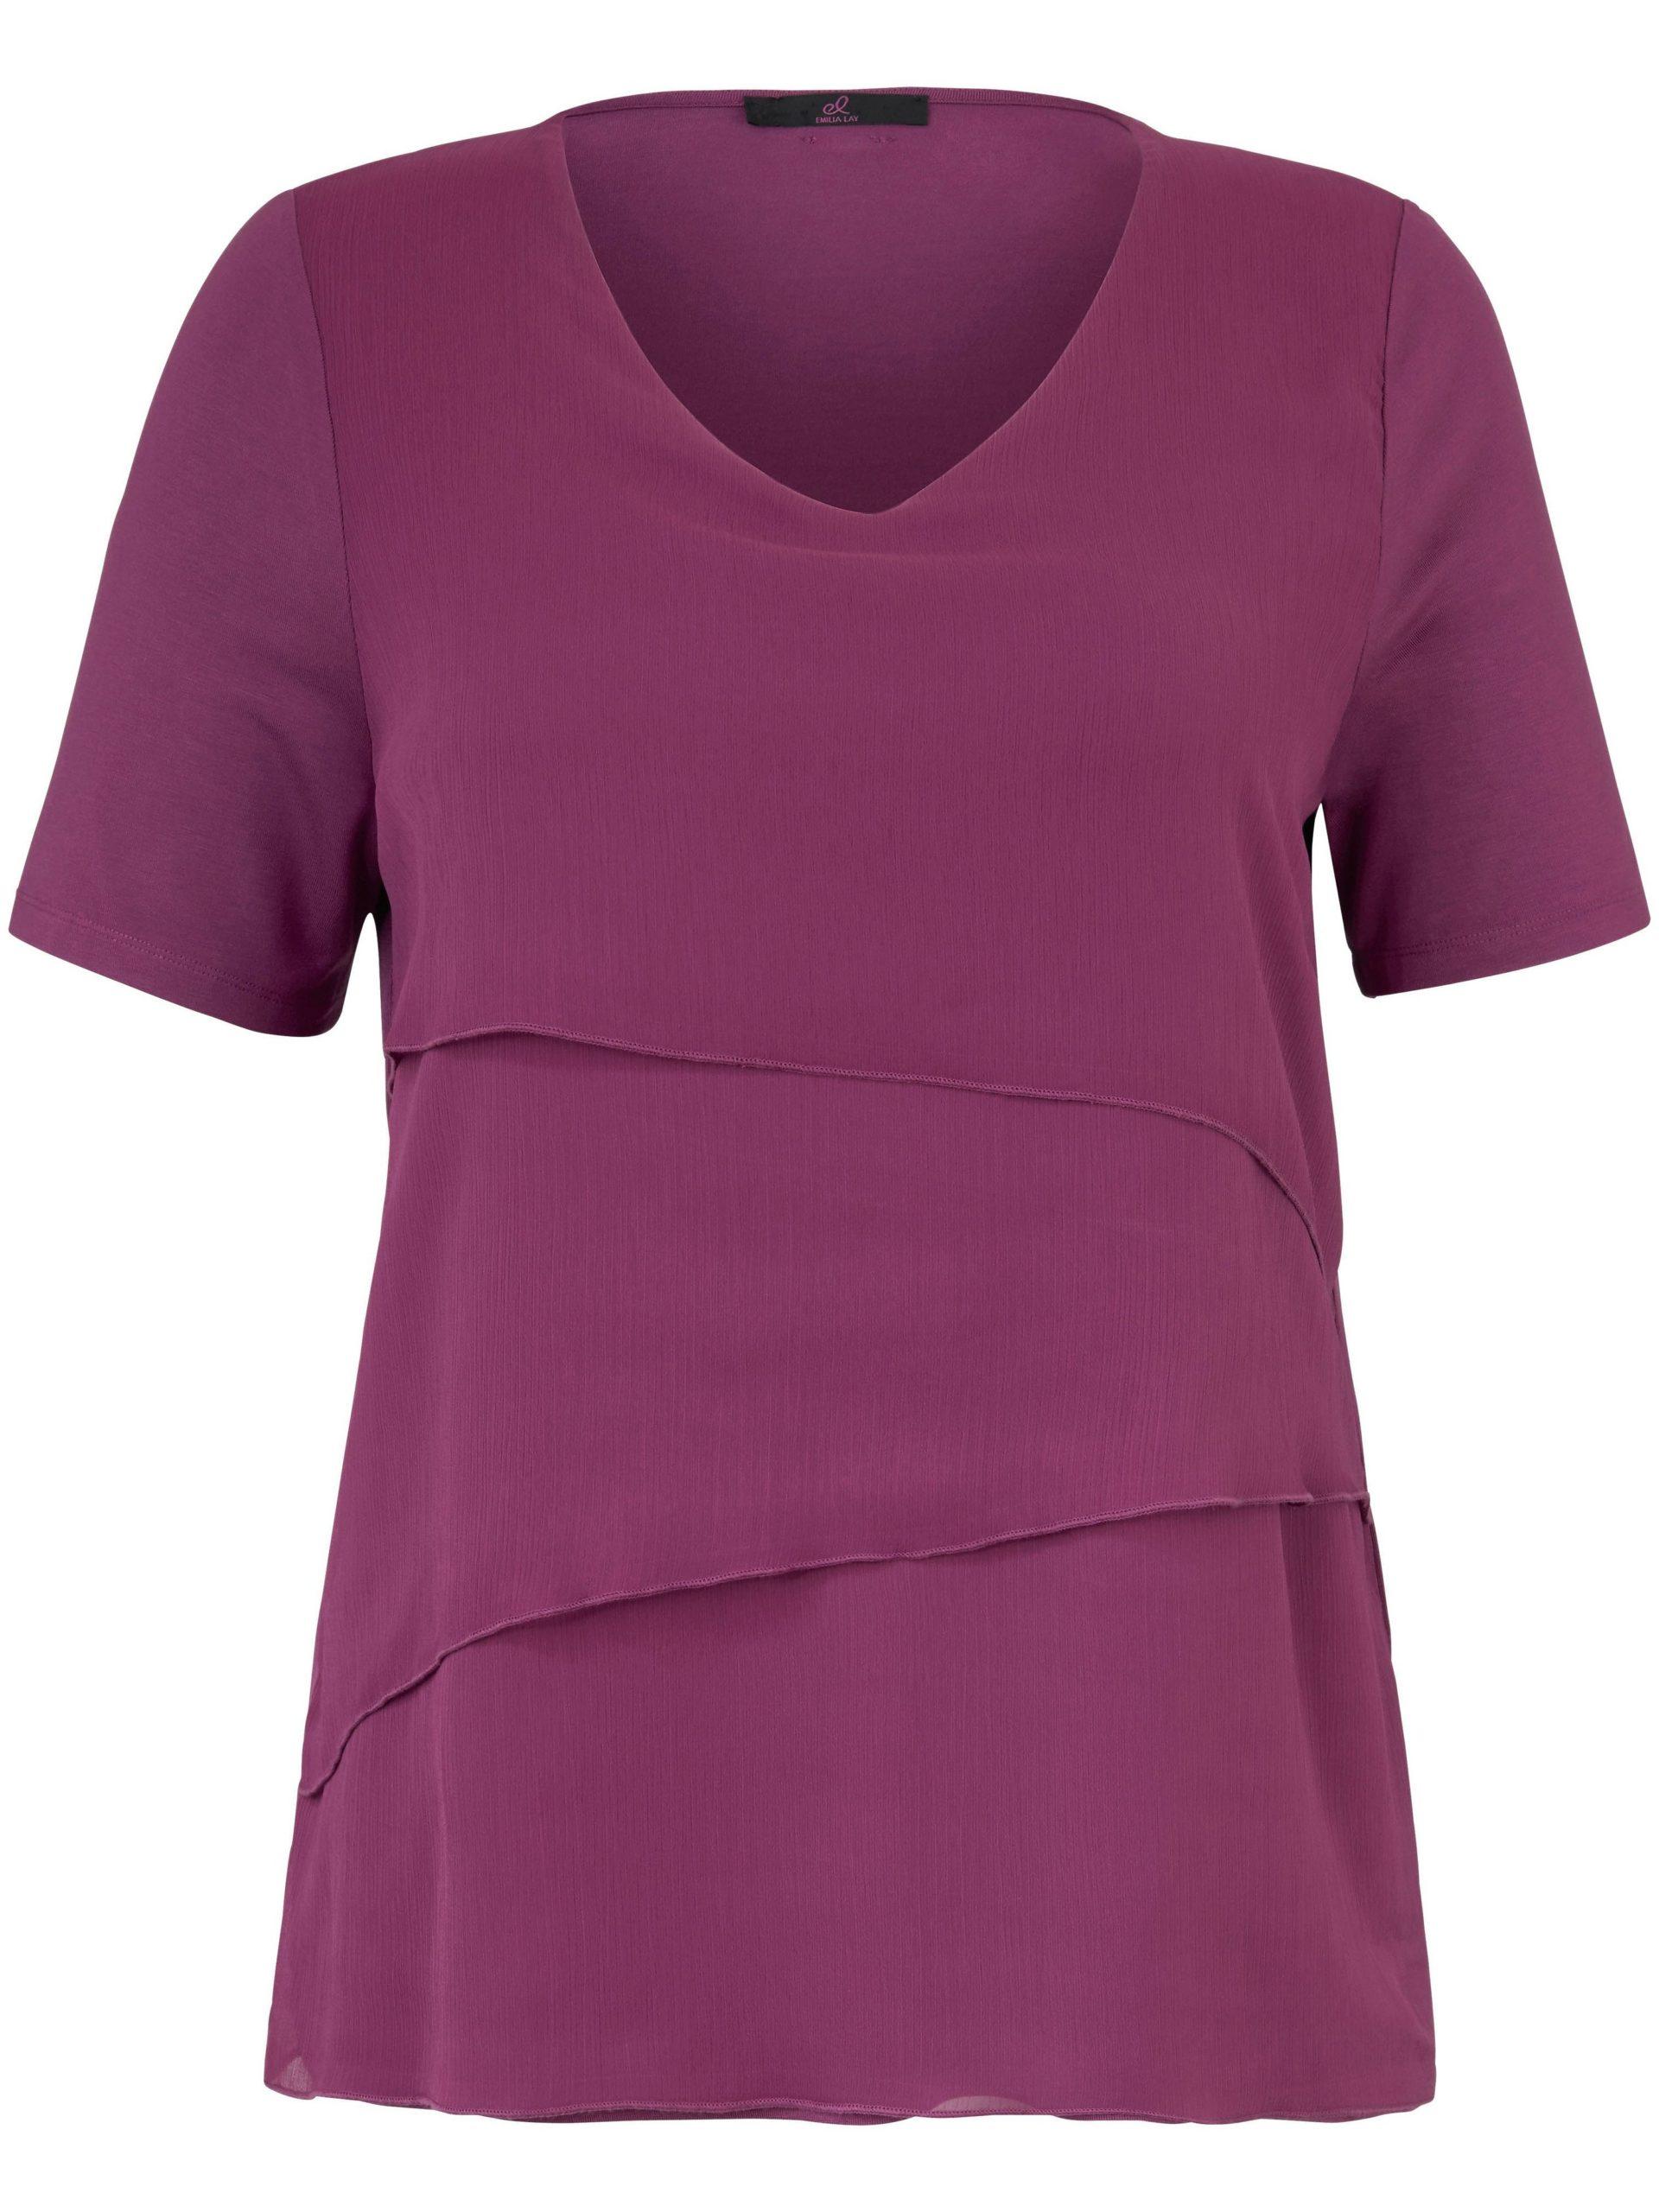 Shirt met V-hals en korte mouwen Van Emilia Lay paars Kopen